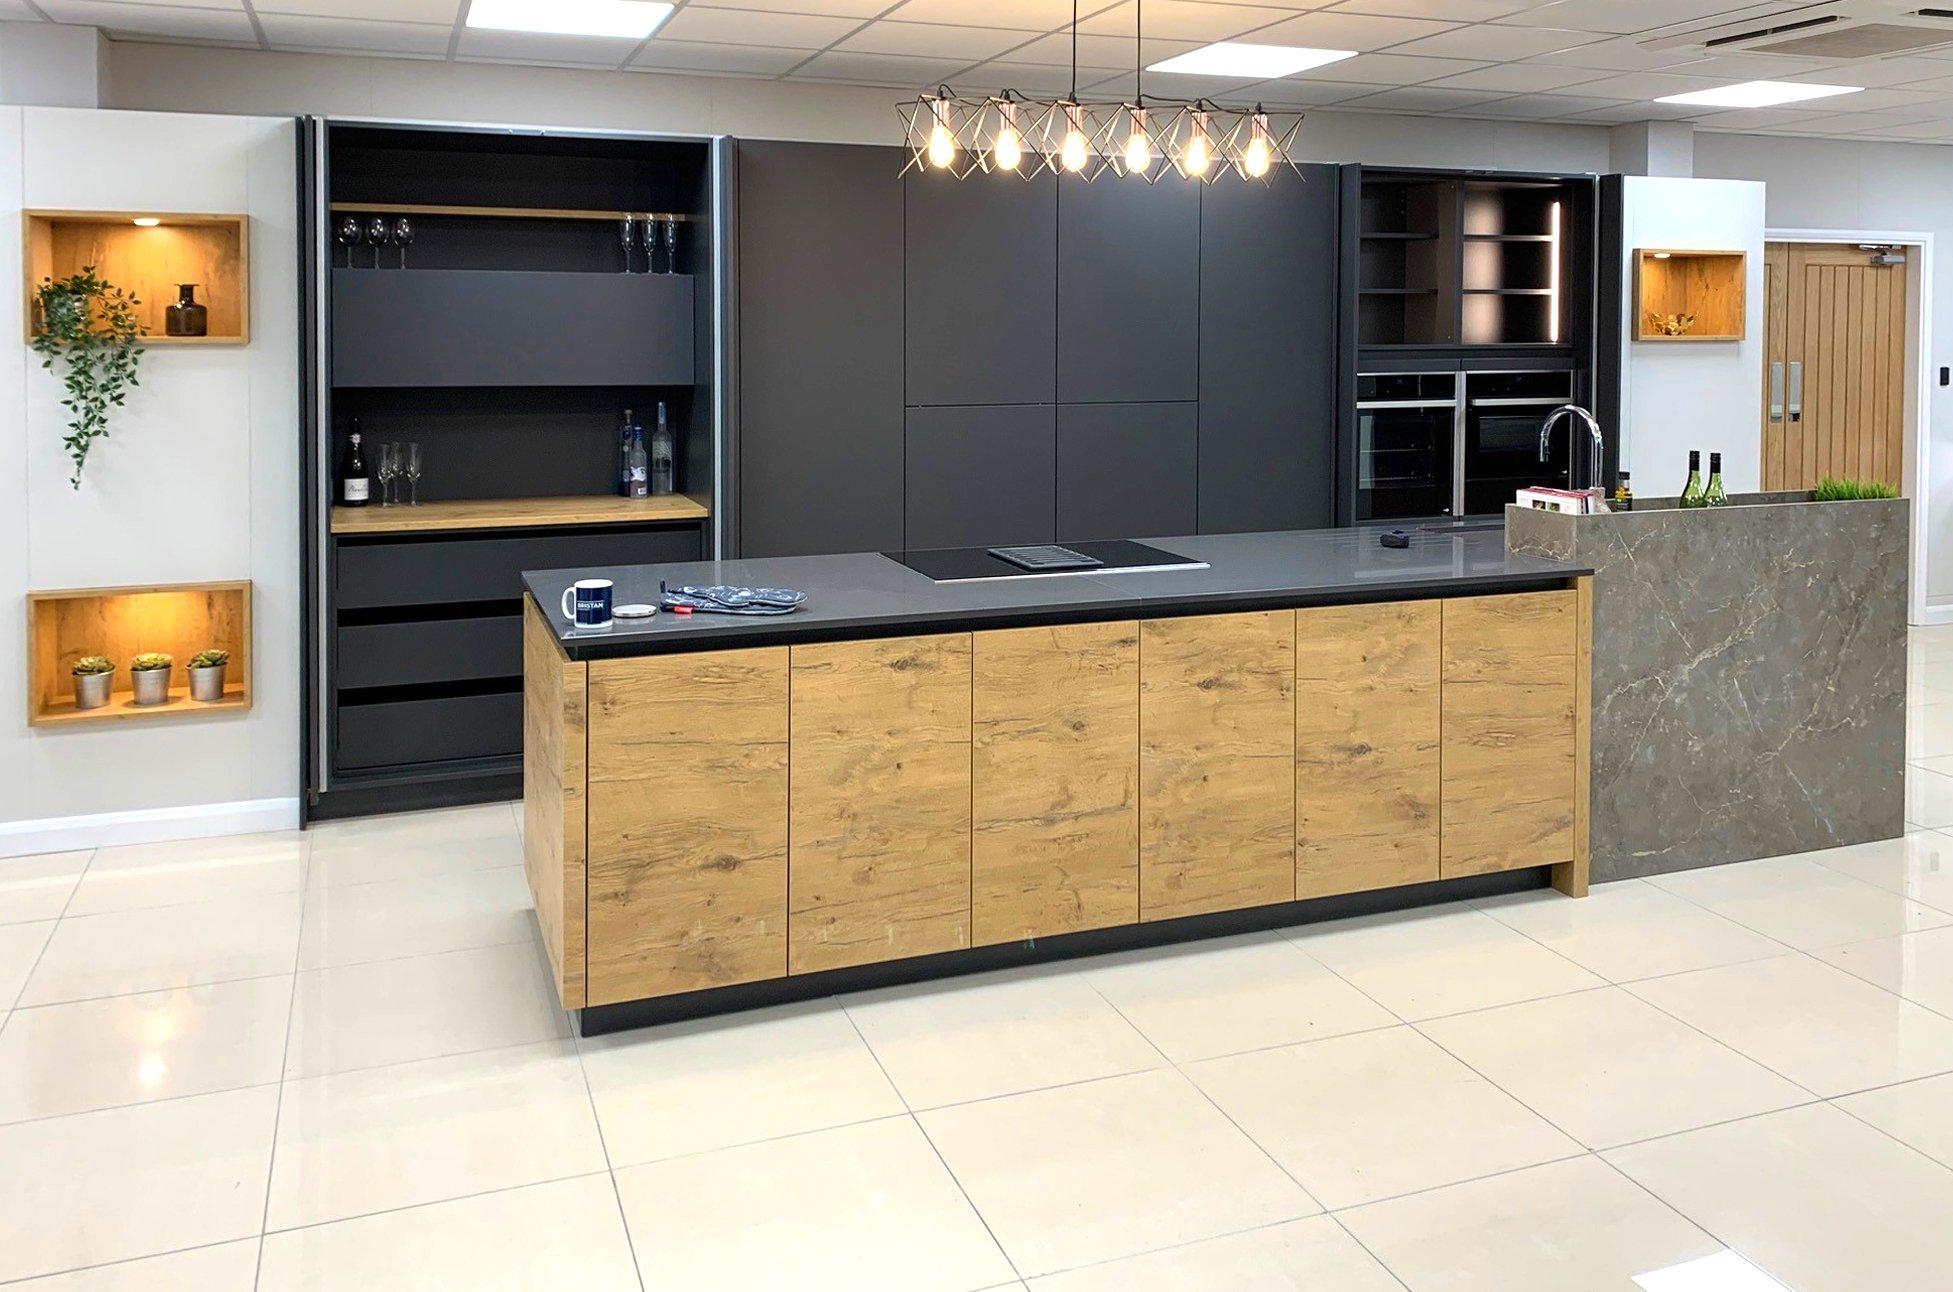 Rotpunkt Carbon and wild oak german engineered kitchen